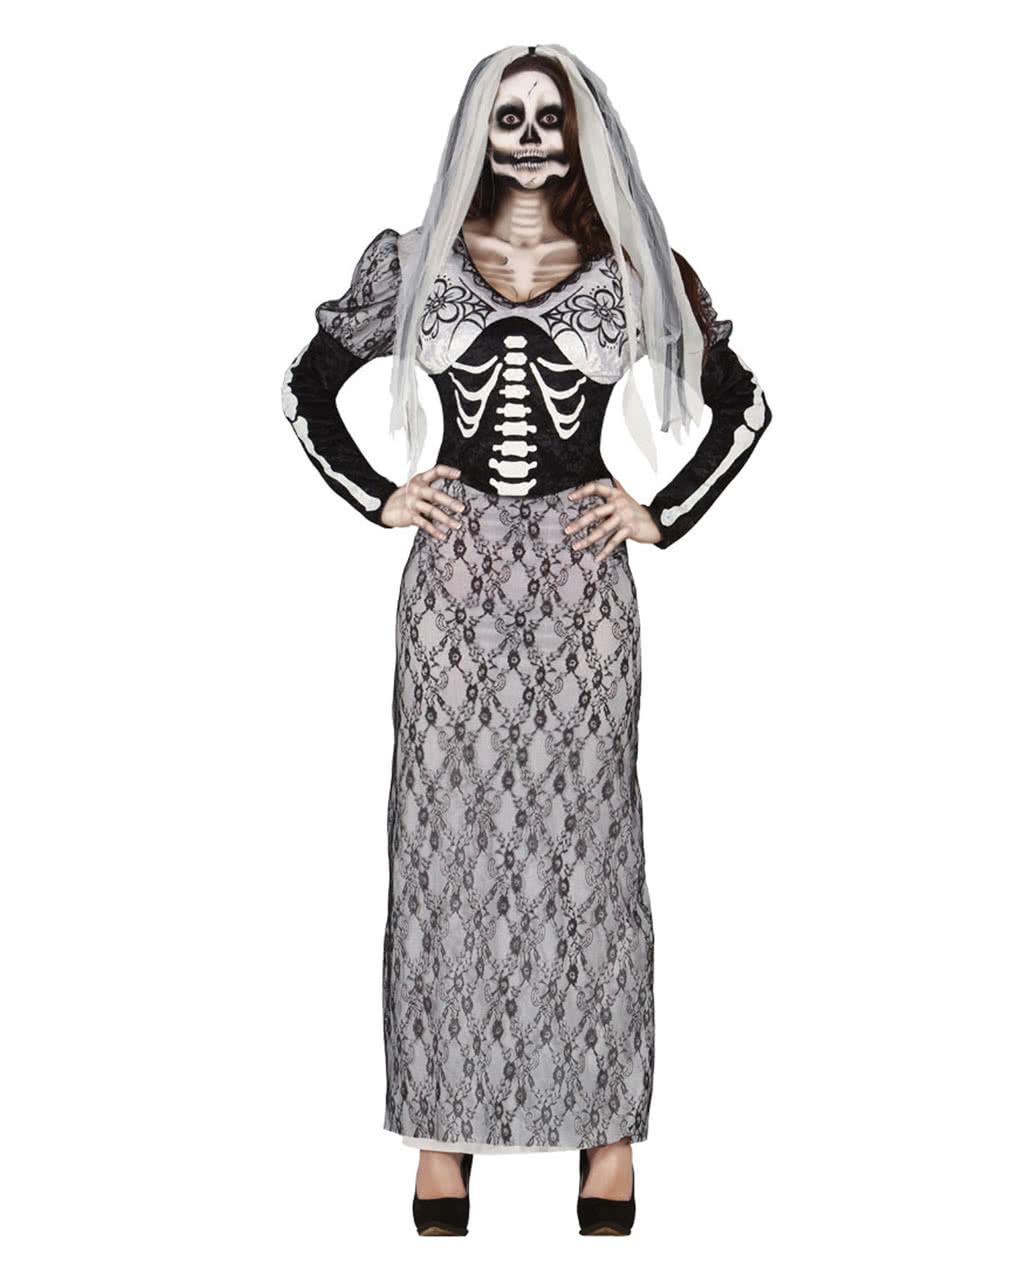 Skelett Braut Kostüm | Brautkleid für Halloween | Horror-Shop.com